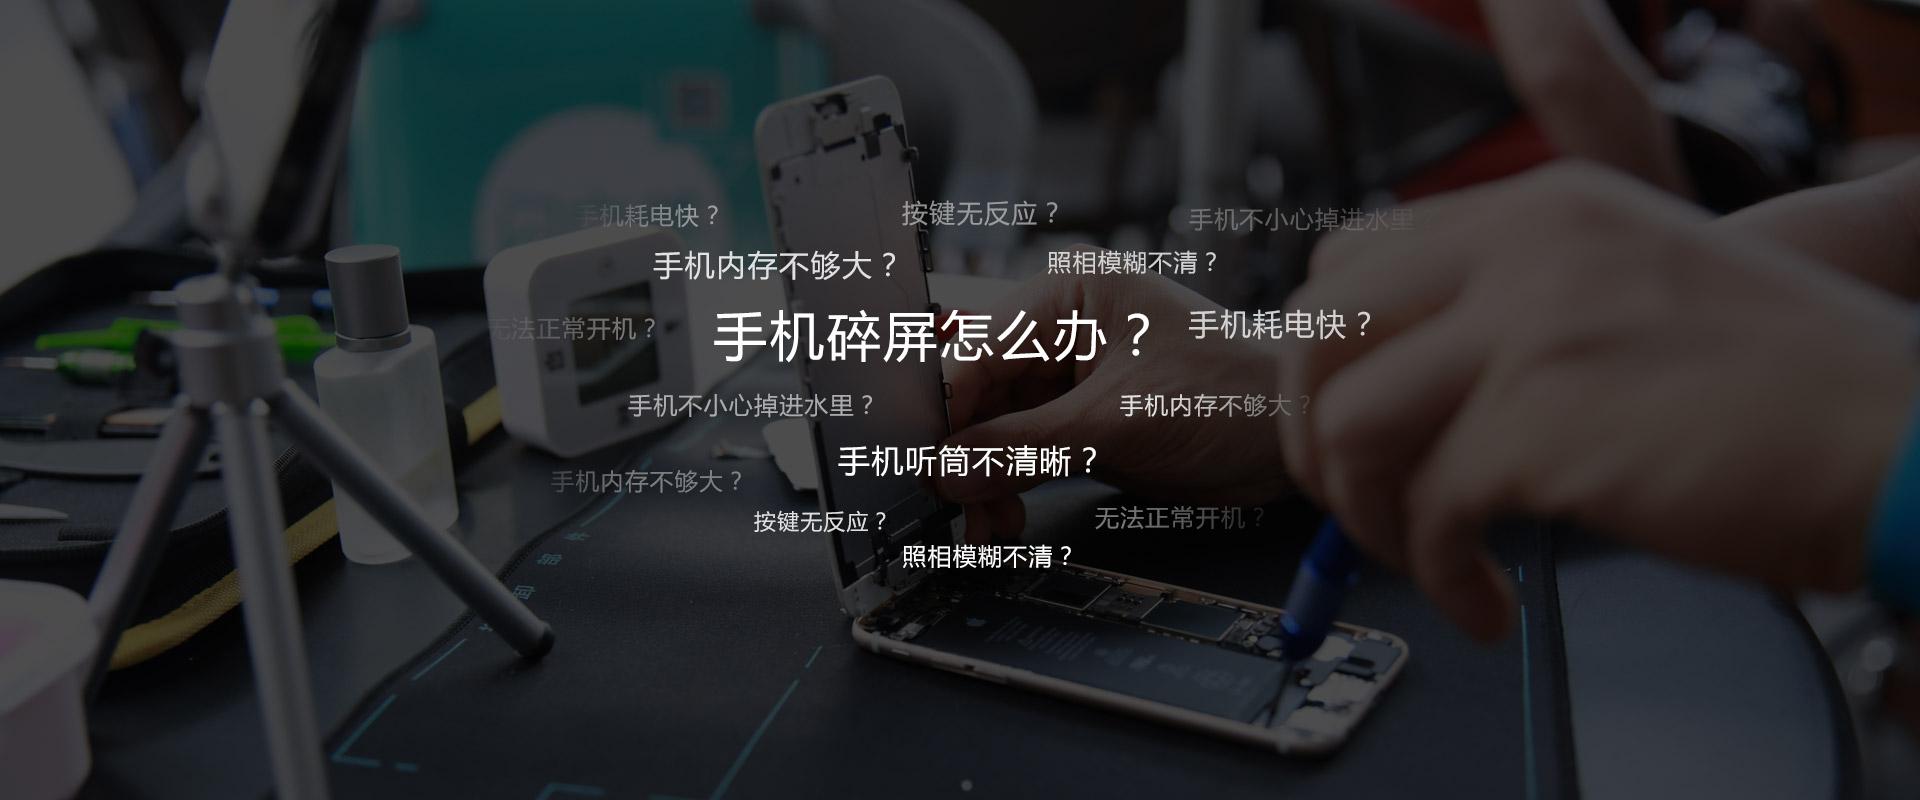 闪电修手机碎屏怎么办,上门手机维修服务